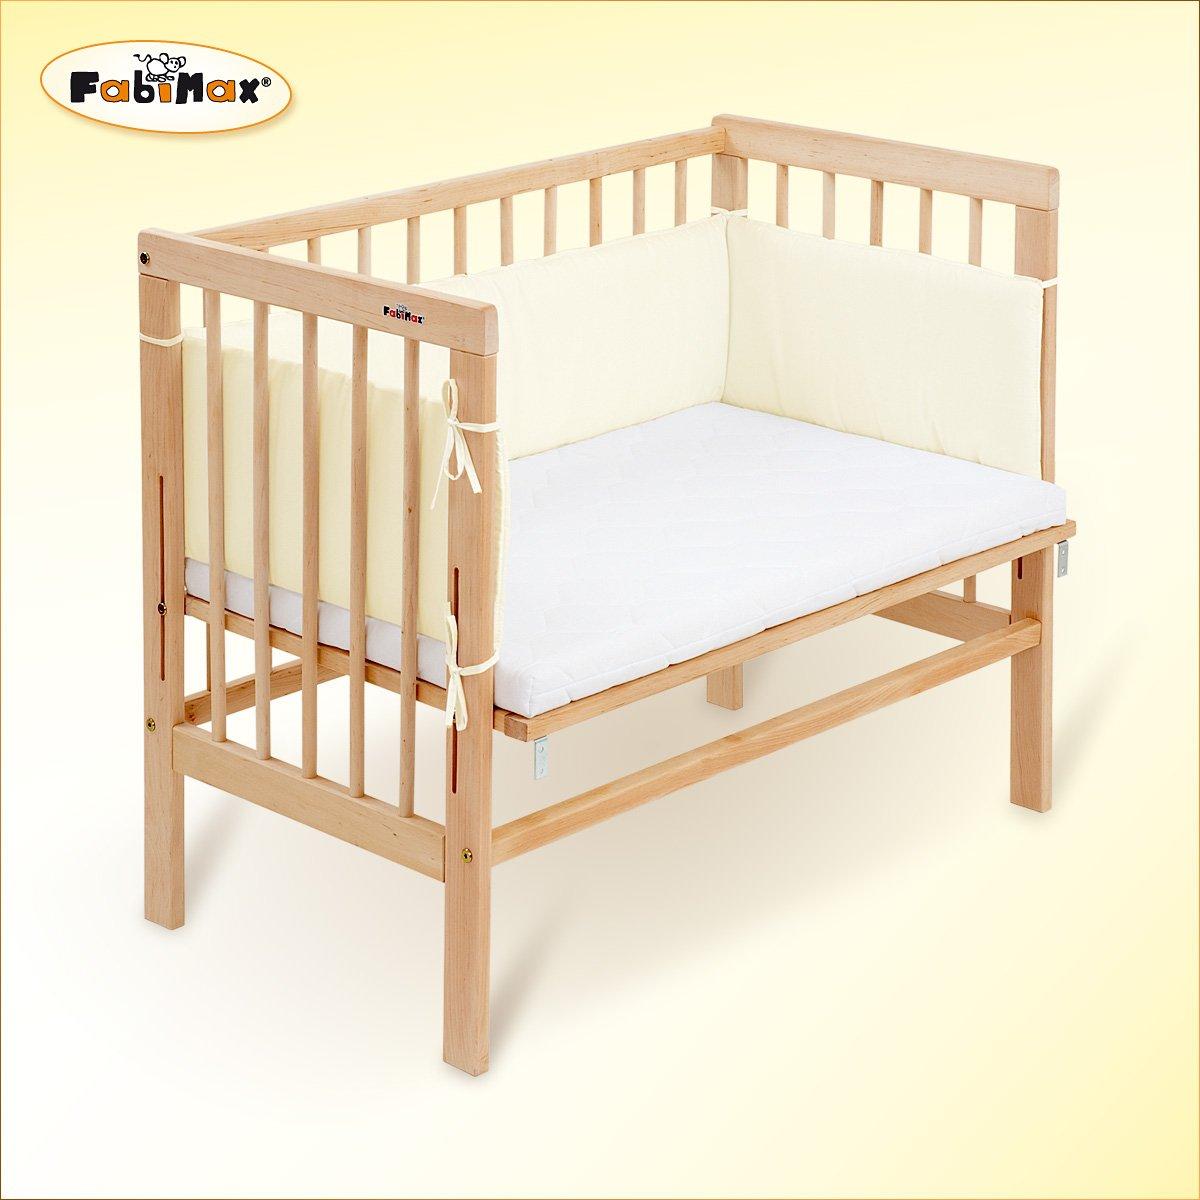 FabiMax Basic Beistellbett für Babys